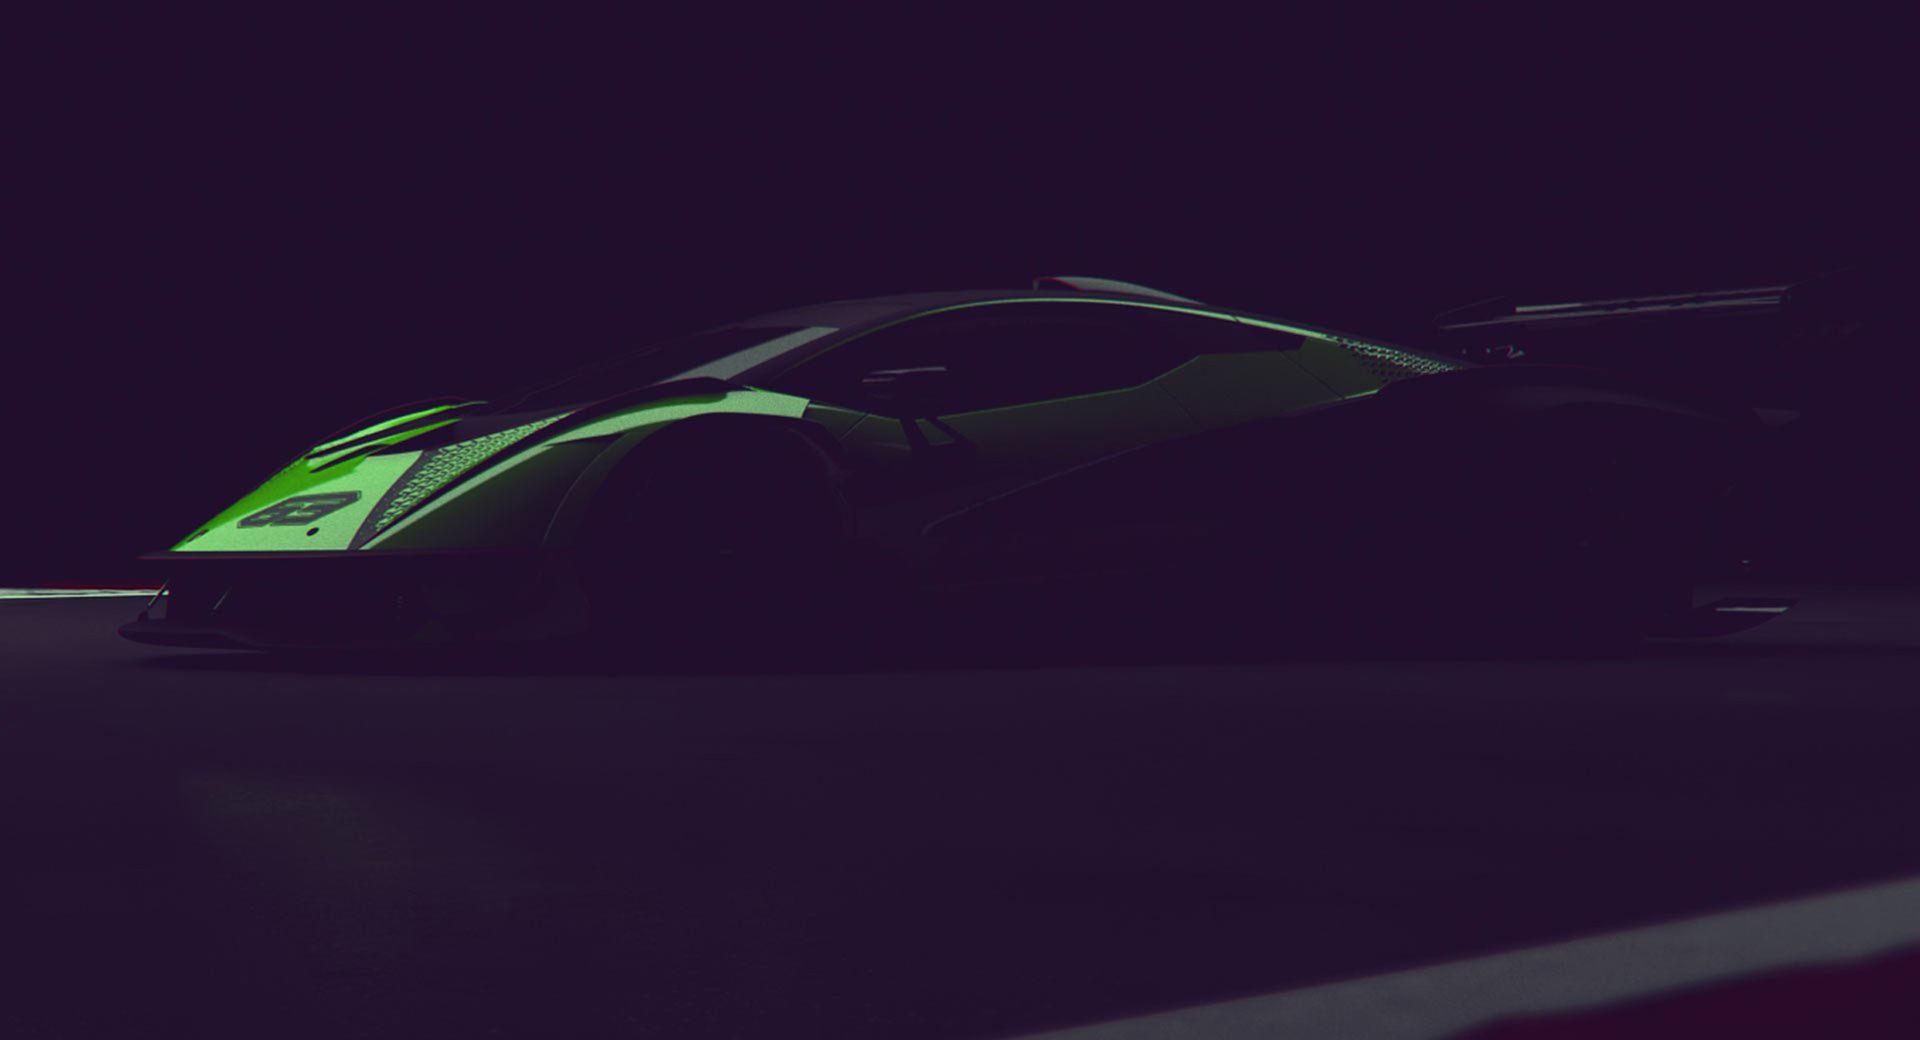 Ny superbil från Lamborghini baserad på Aventador